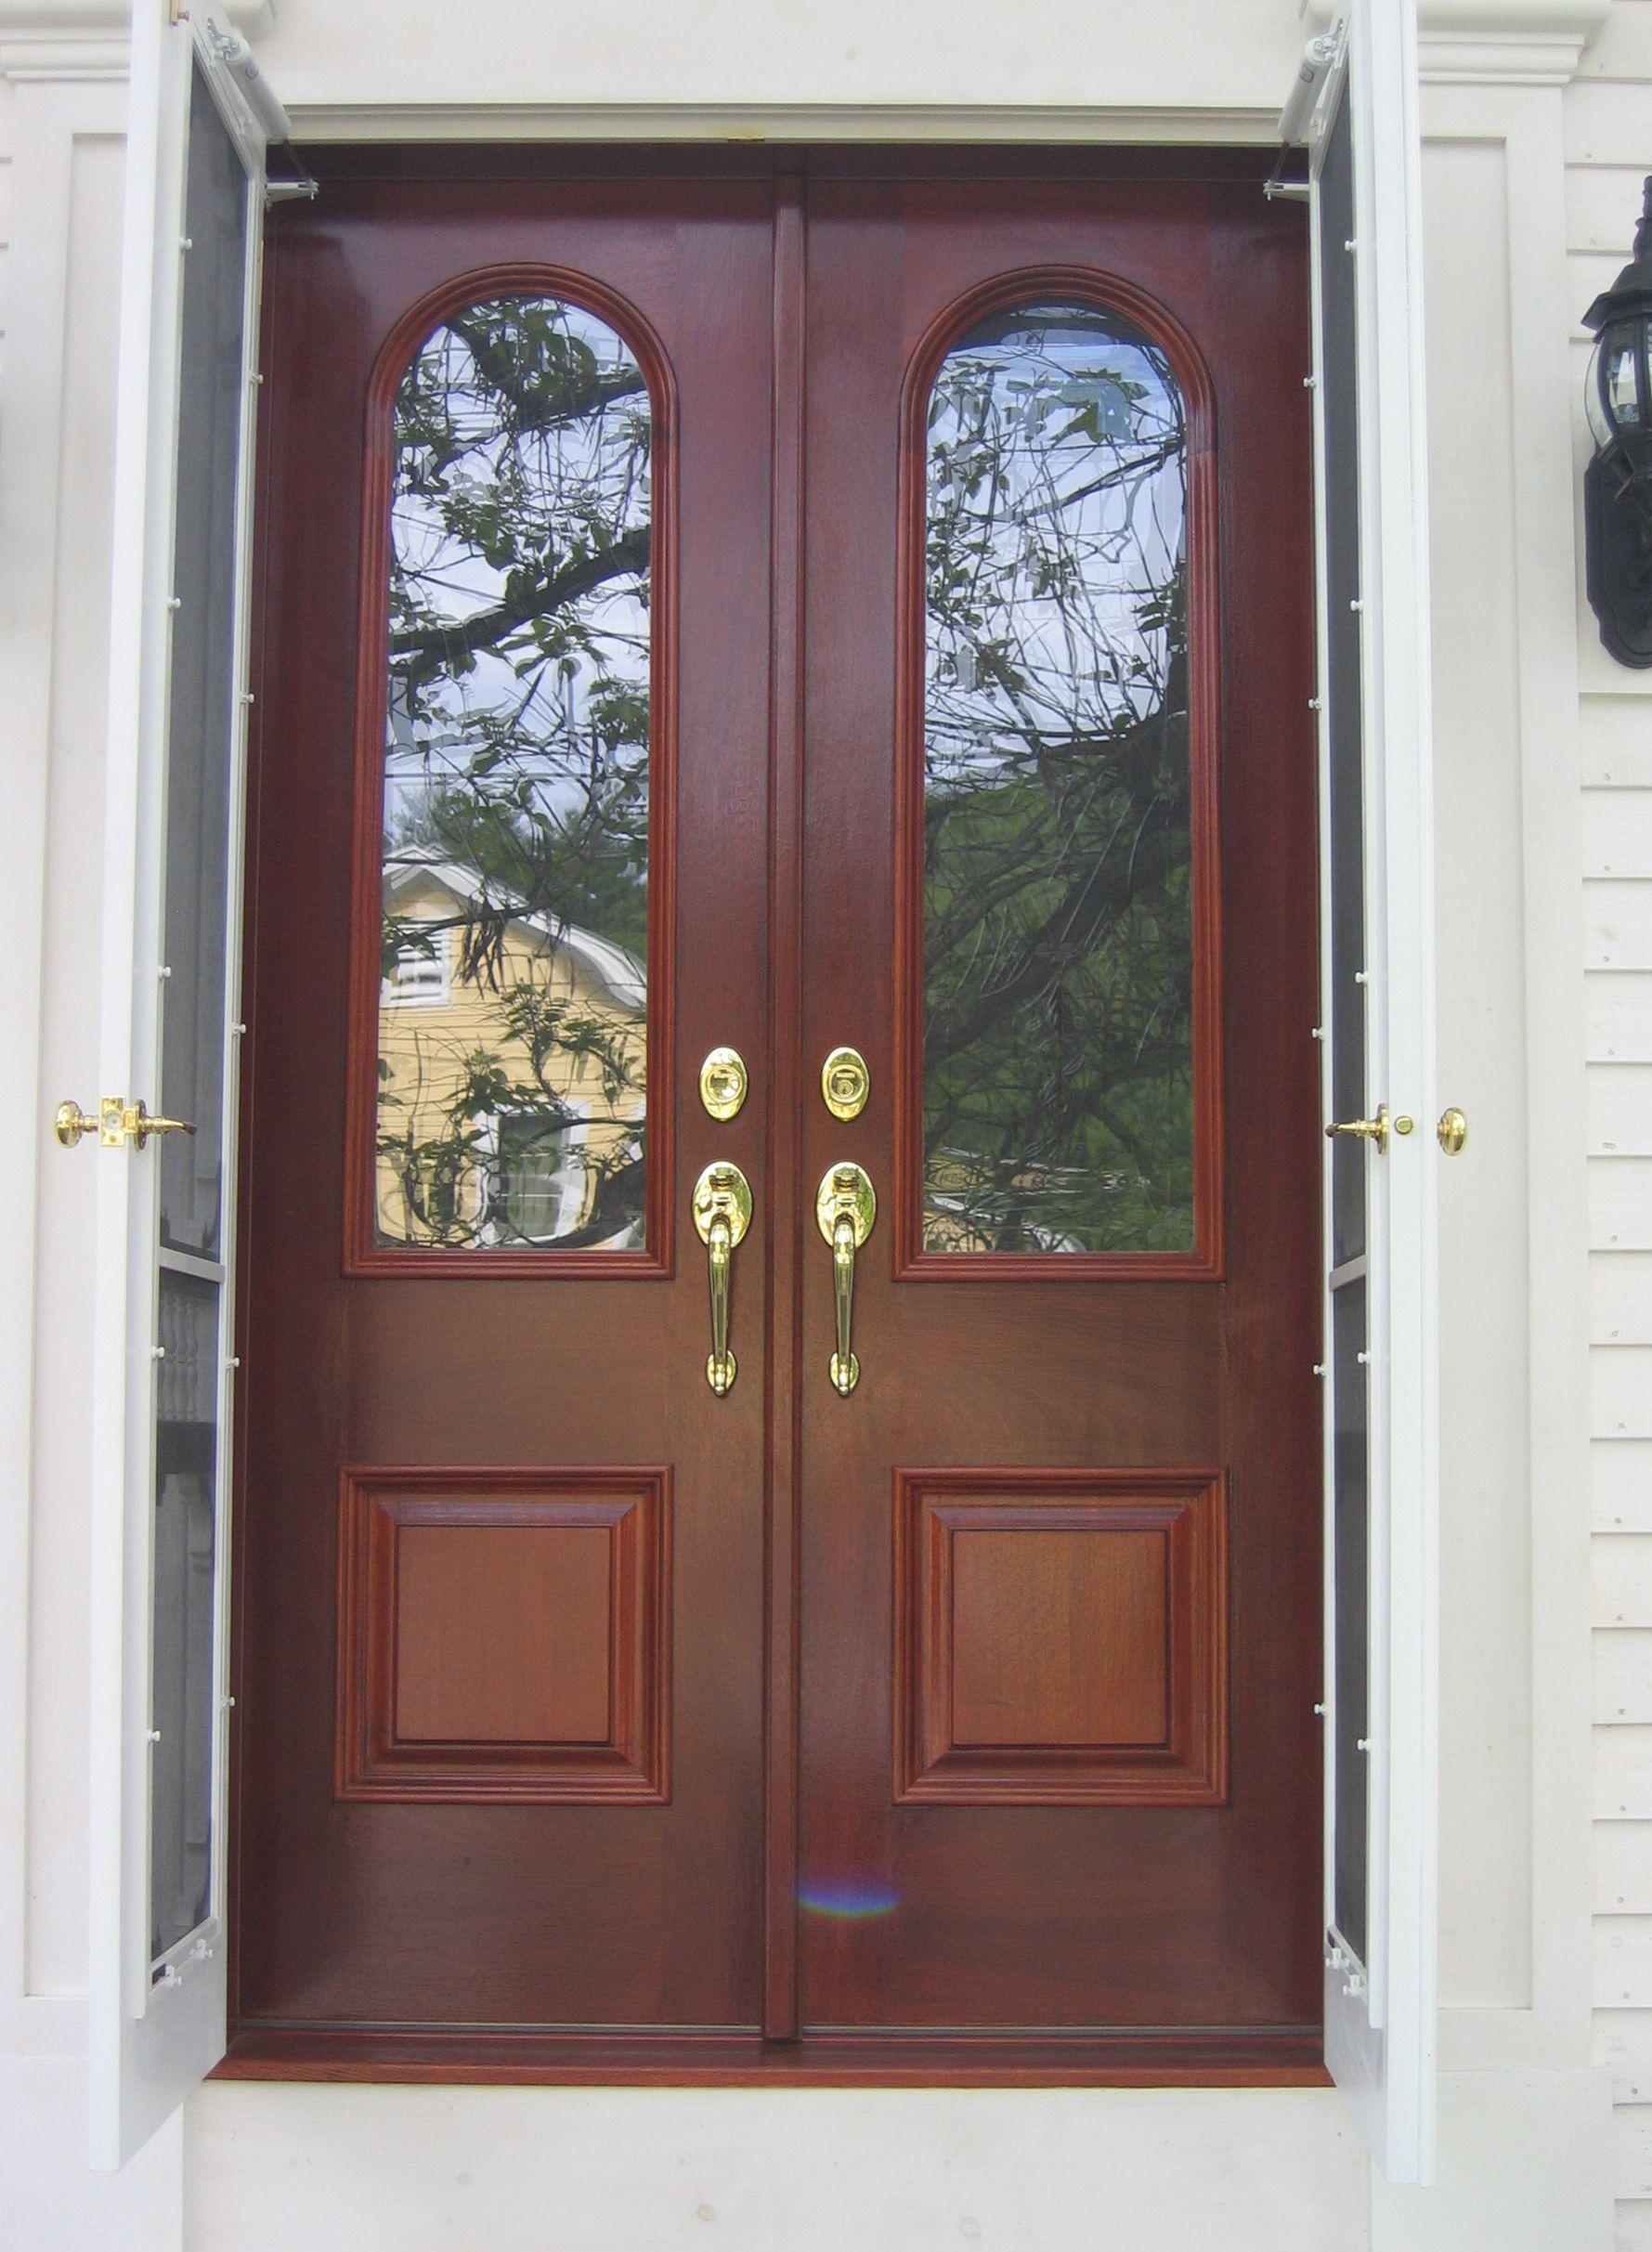 Exterior glass panel double door db108 model www - Exterior glass panel french doors ...